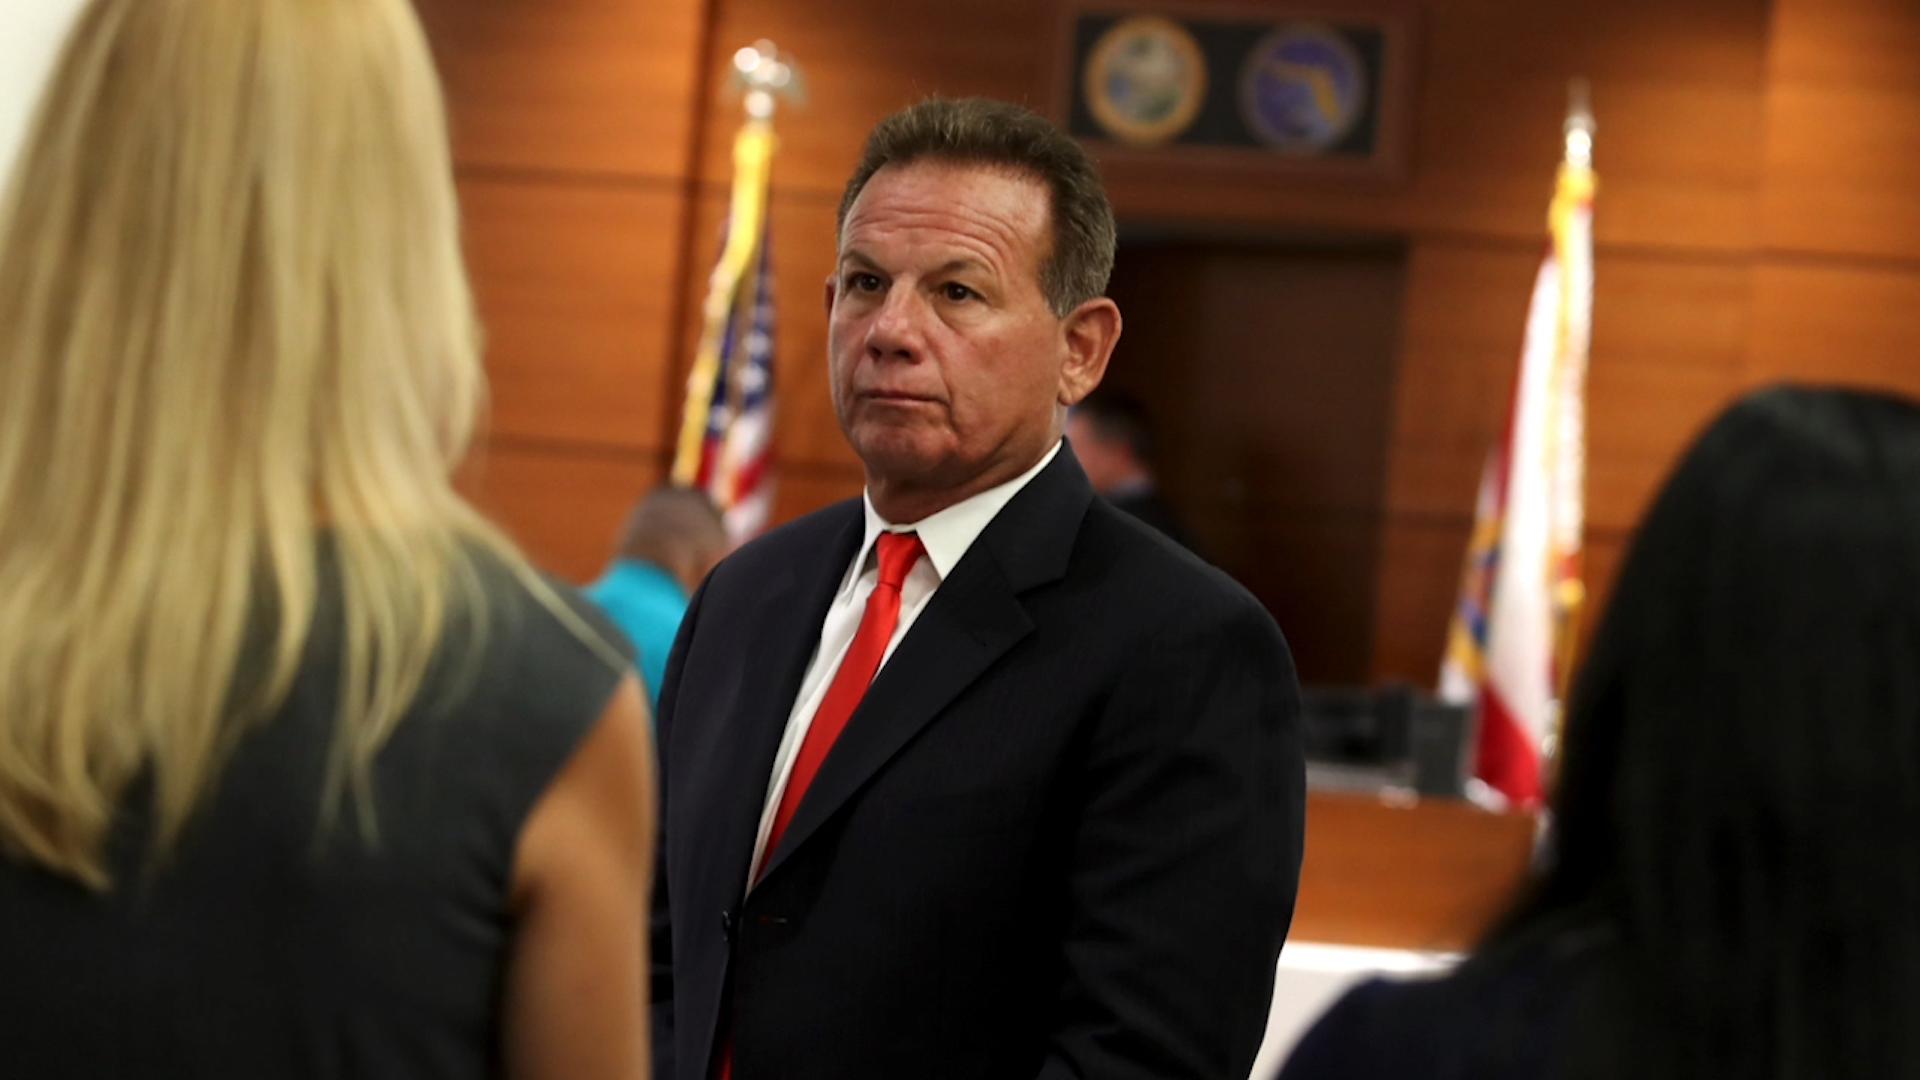 Gov  Ron DeSantis on suspended Broward sheriff: 'Scott Israel